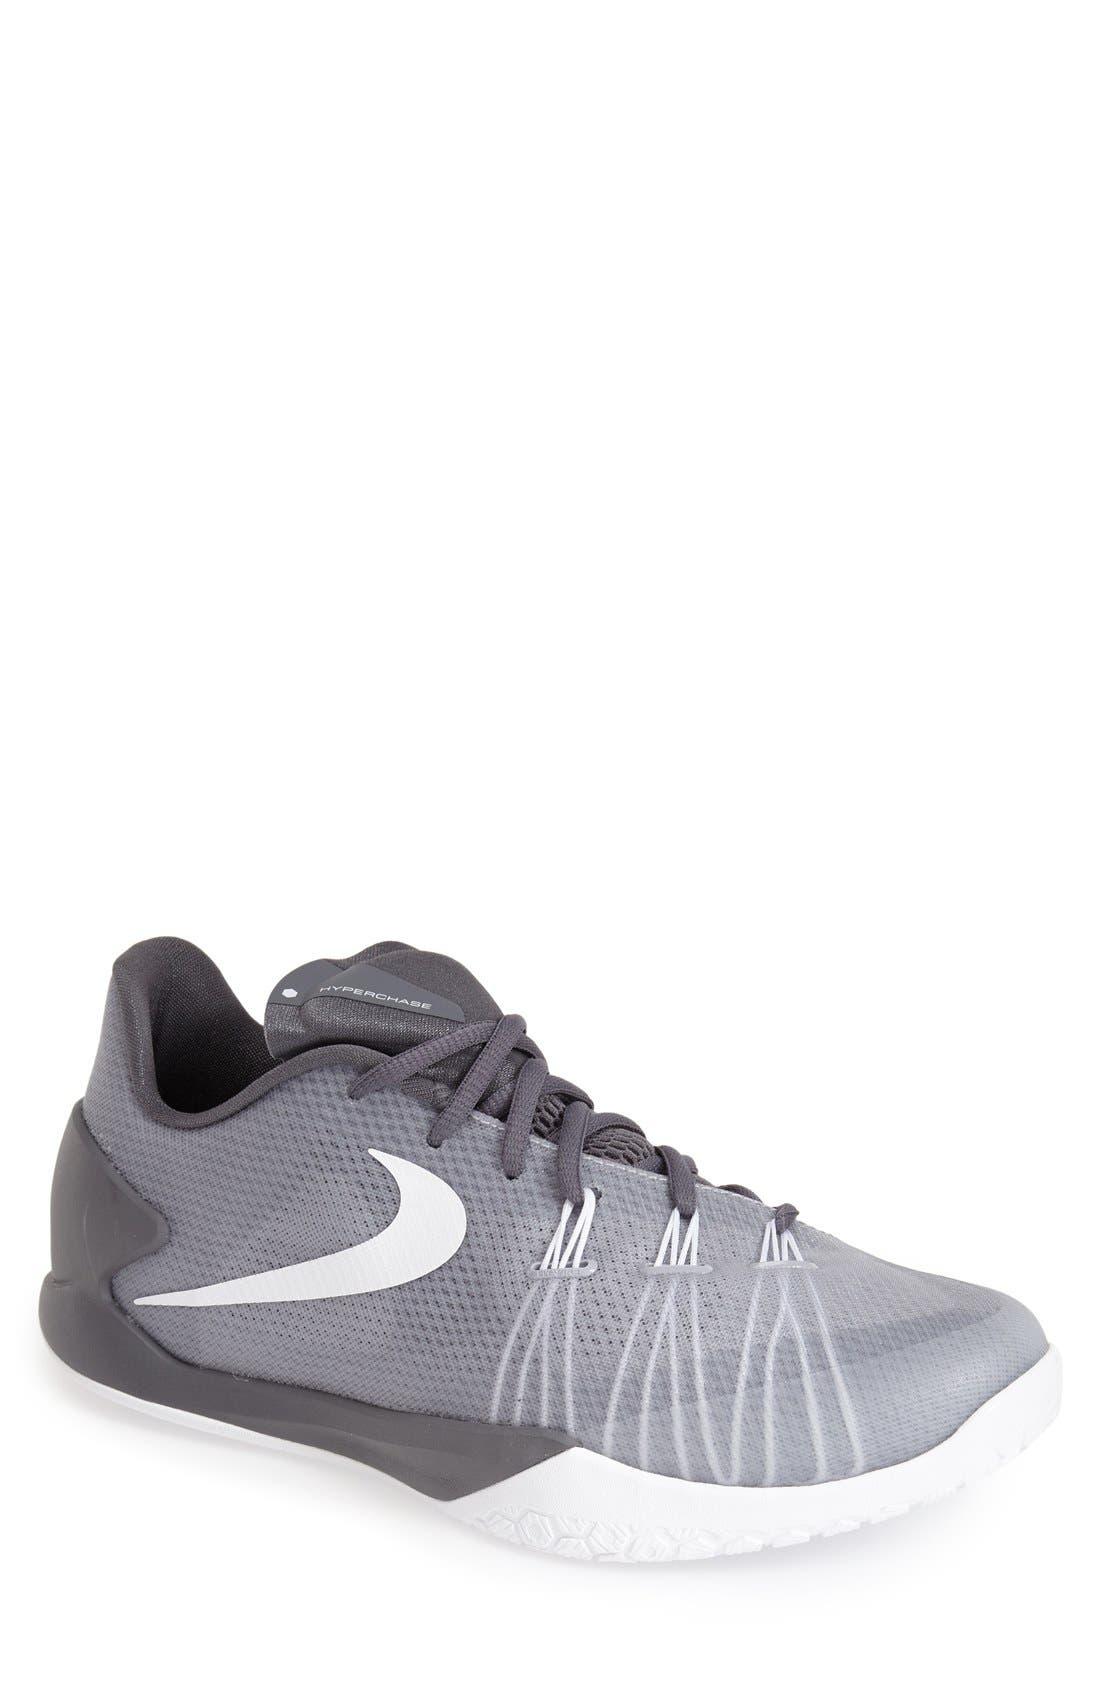 'Hyperchase' Basketball Shoe, Main, color, 090